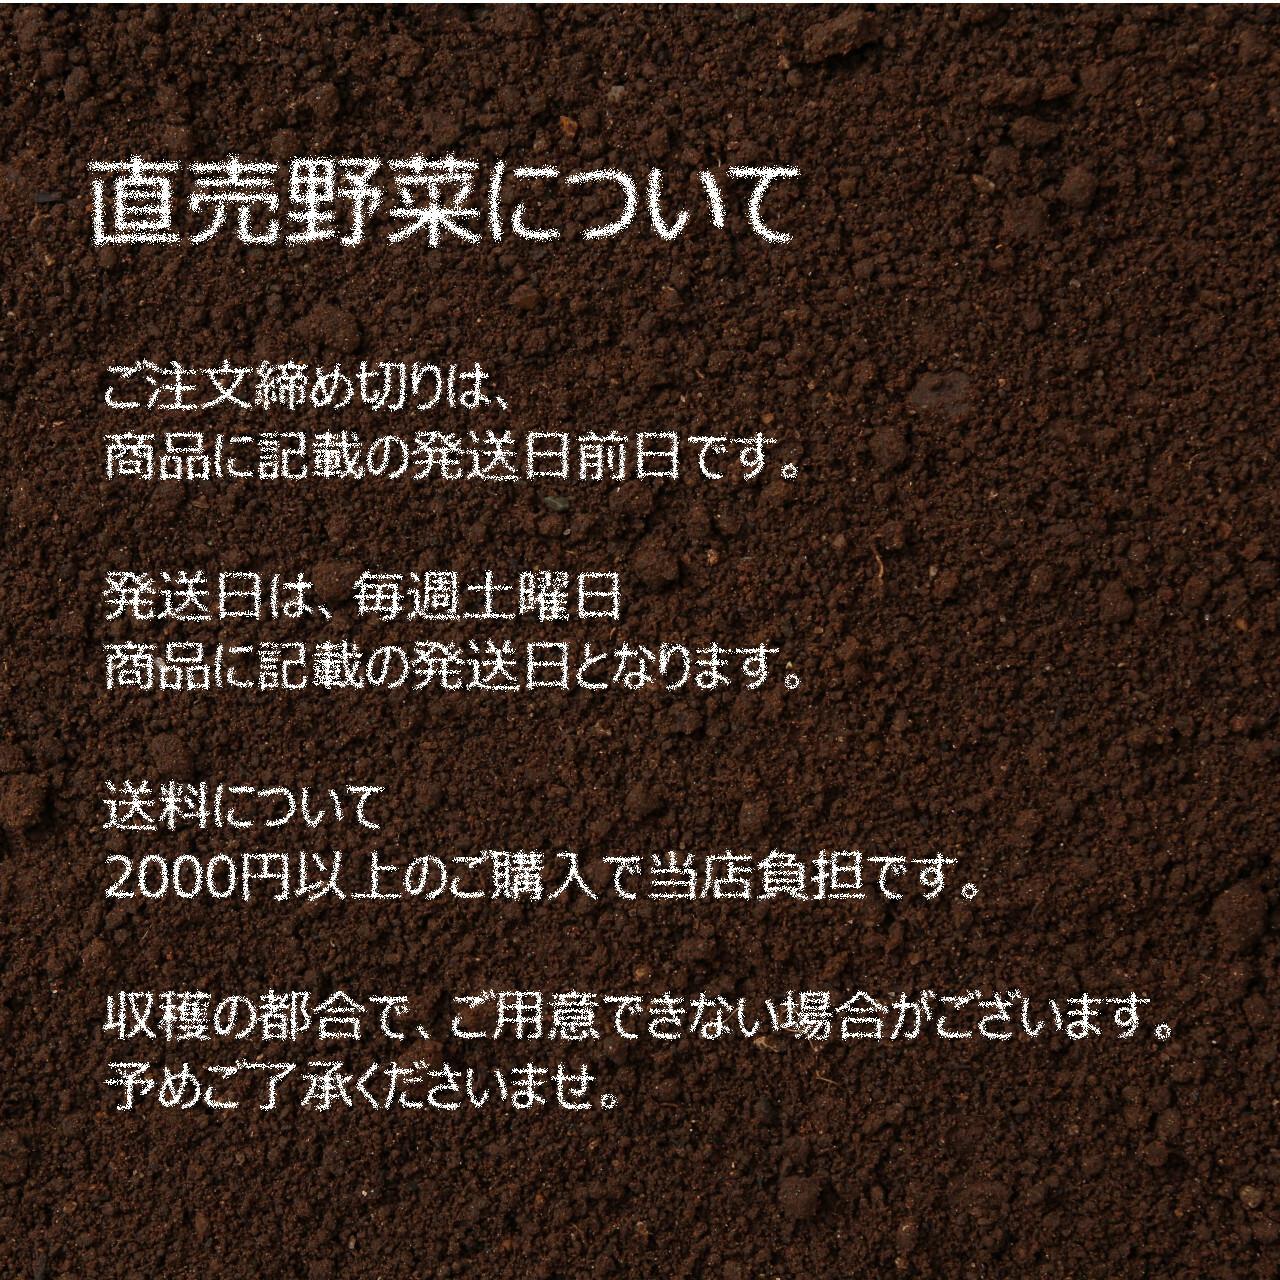 7月の新鮮野菜 : ニラ 約200g  朝採り直売野菜 7月6日発送予定